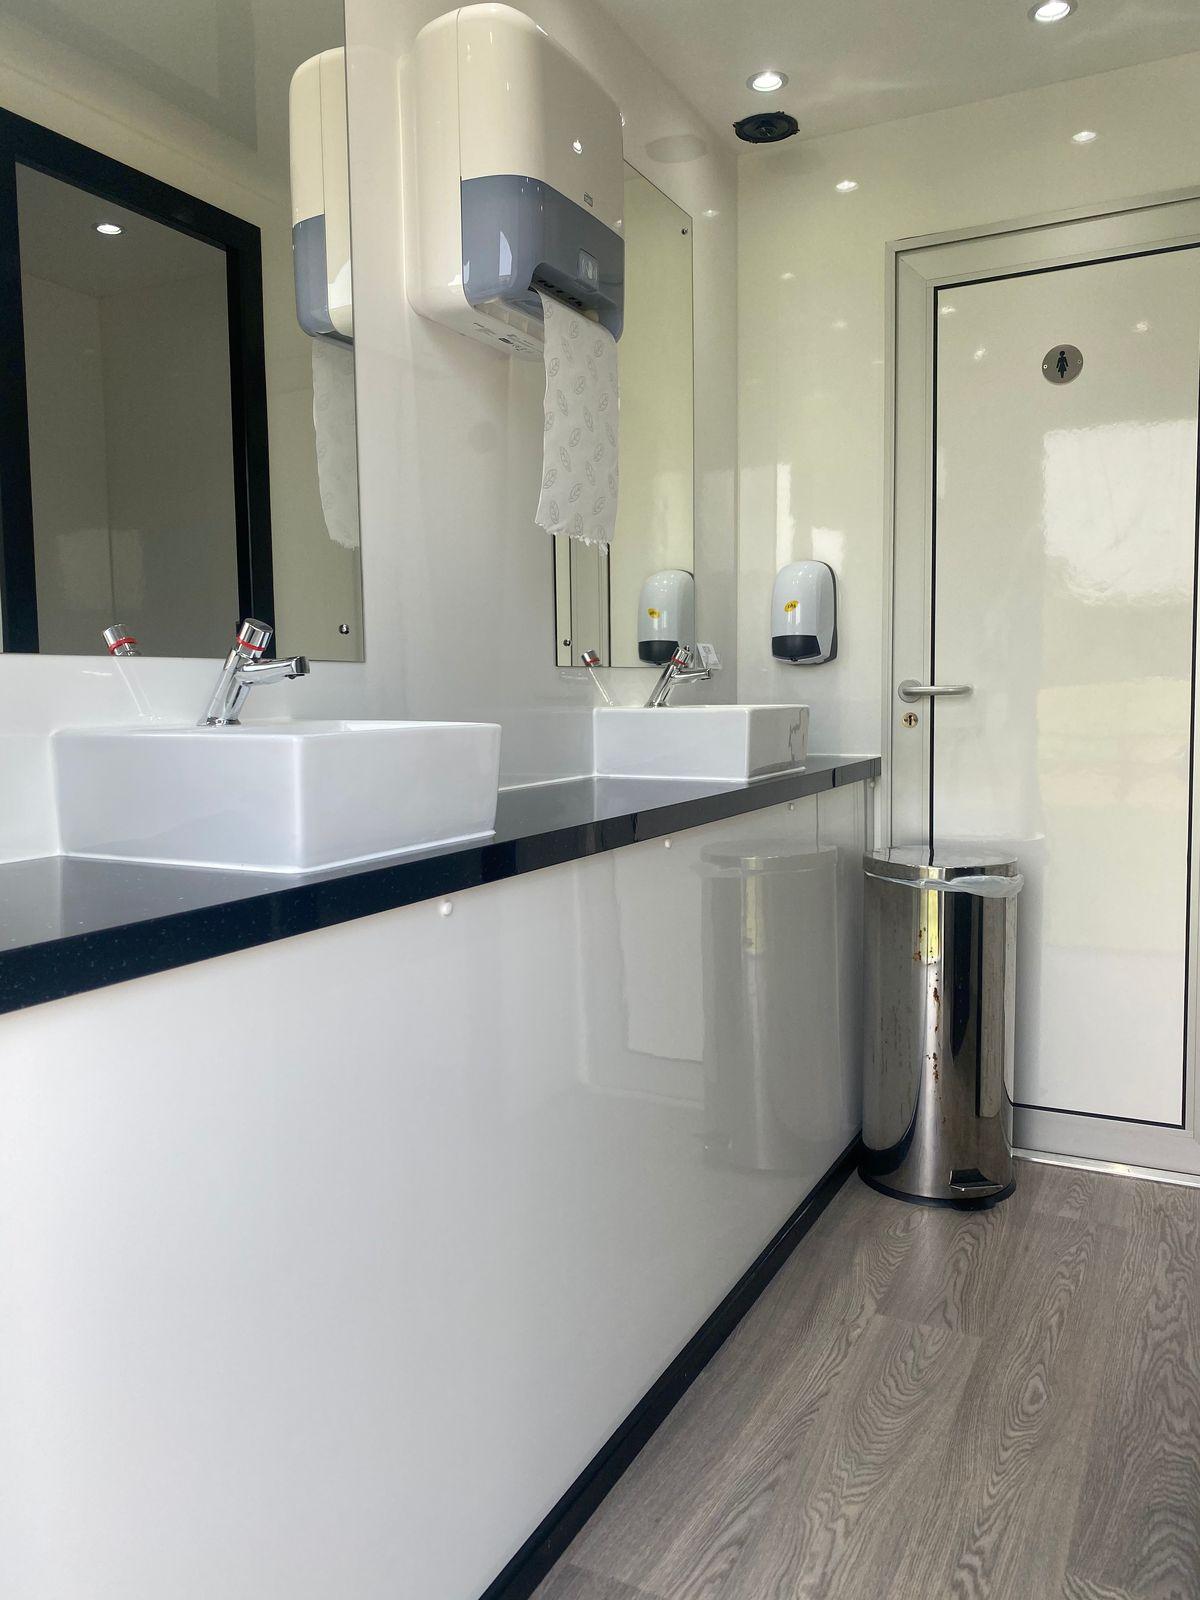 Luxury Toilet hire Surrey